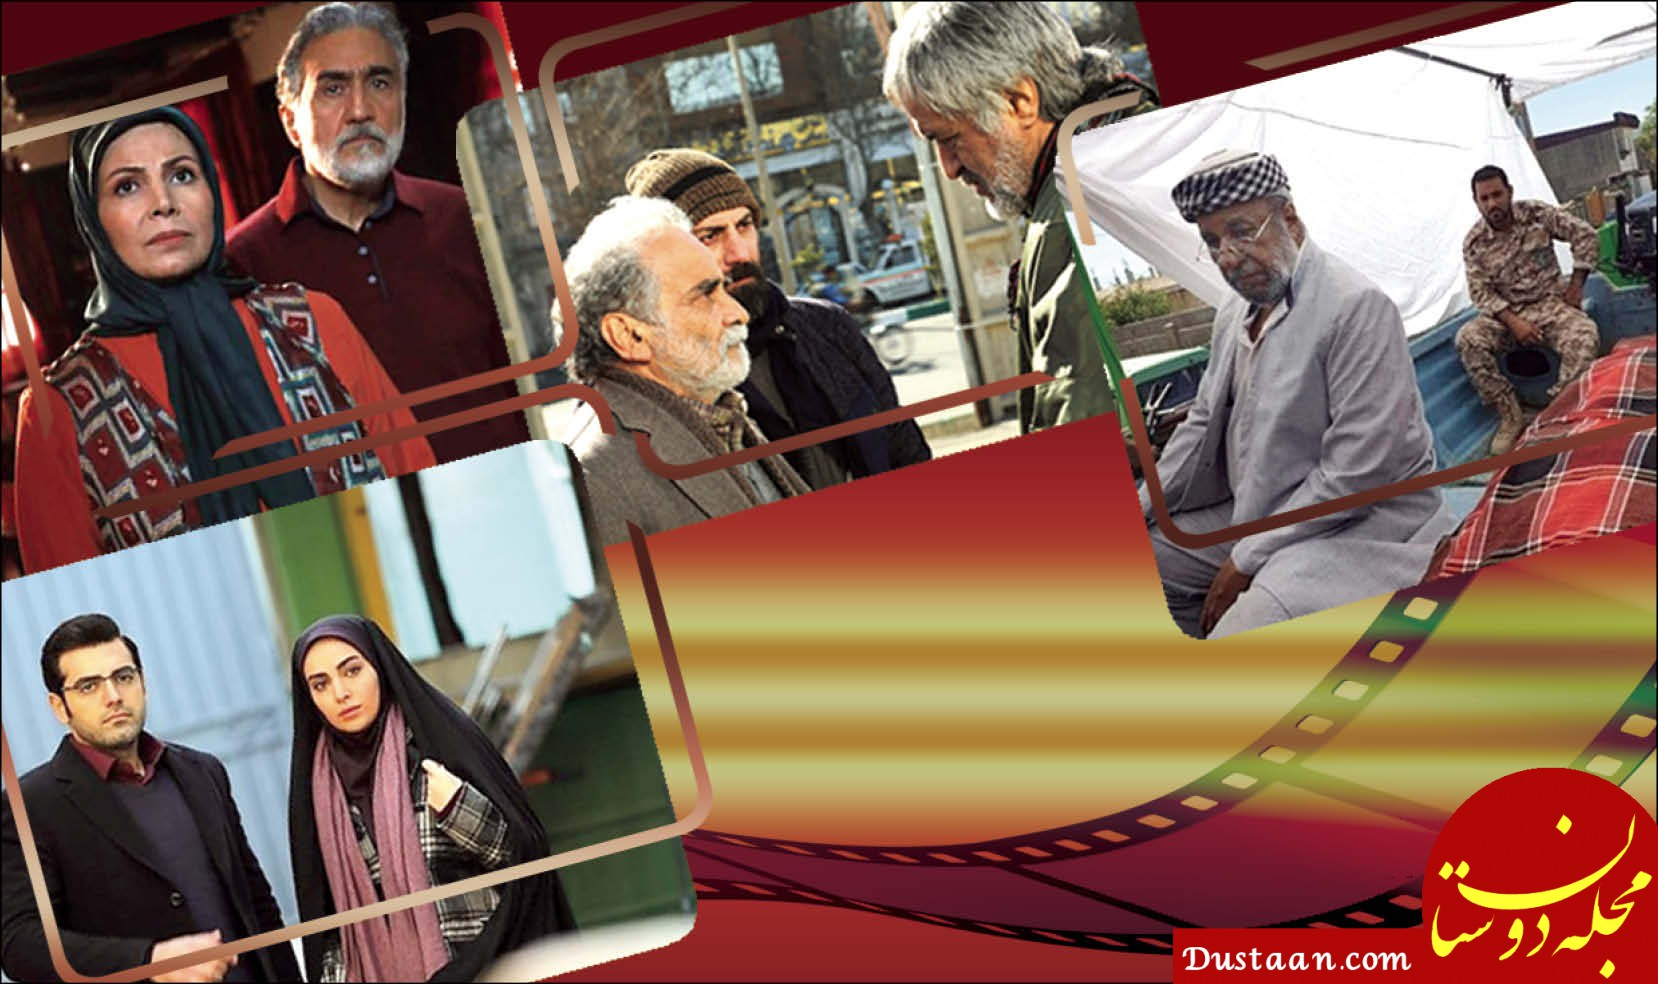 سریال های رمضانی تلویزیون و یک اتفاق عجیب!